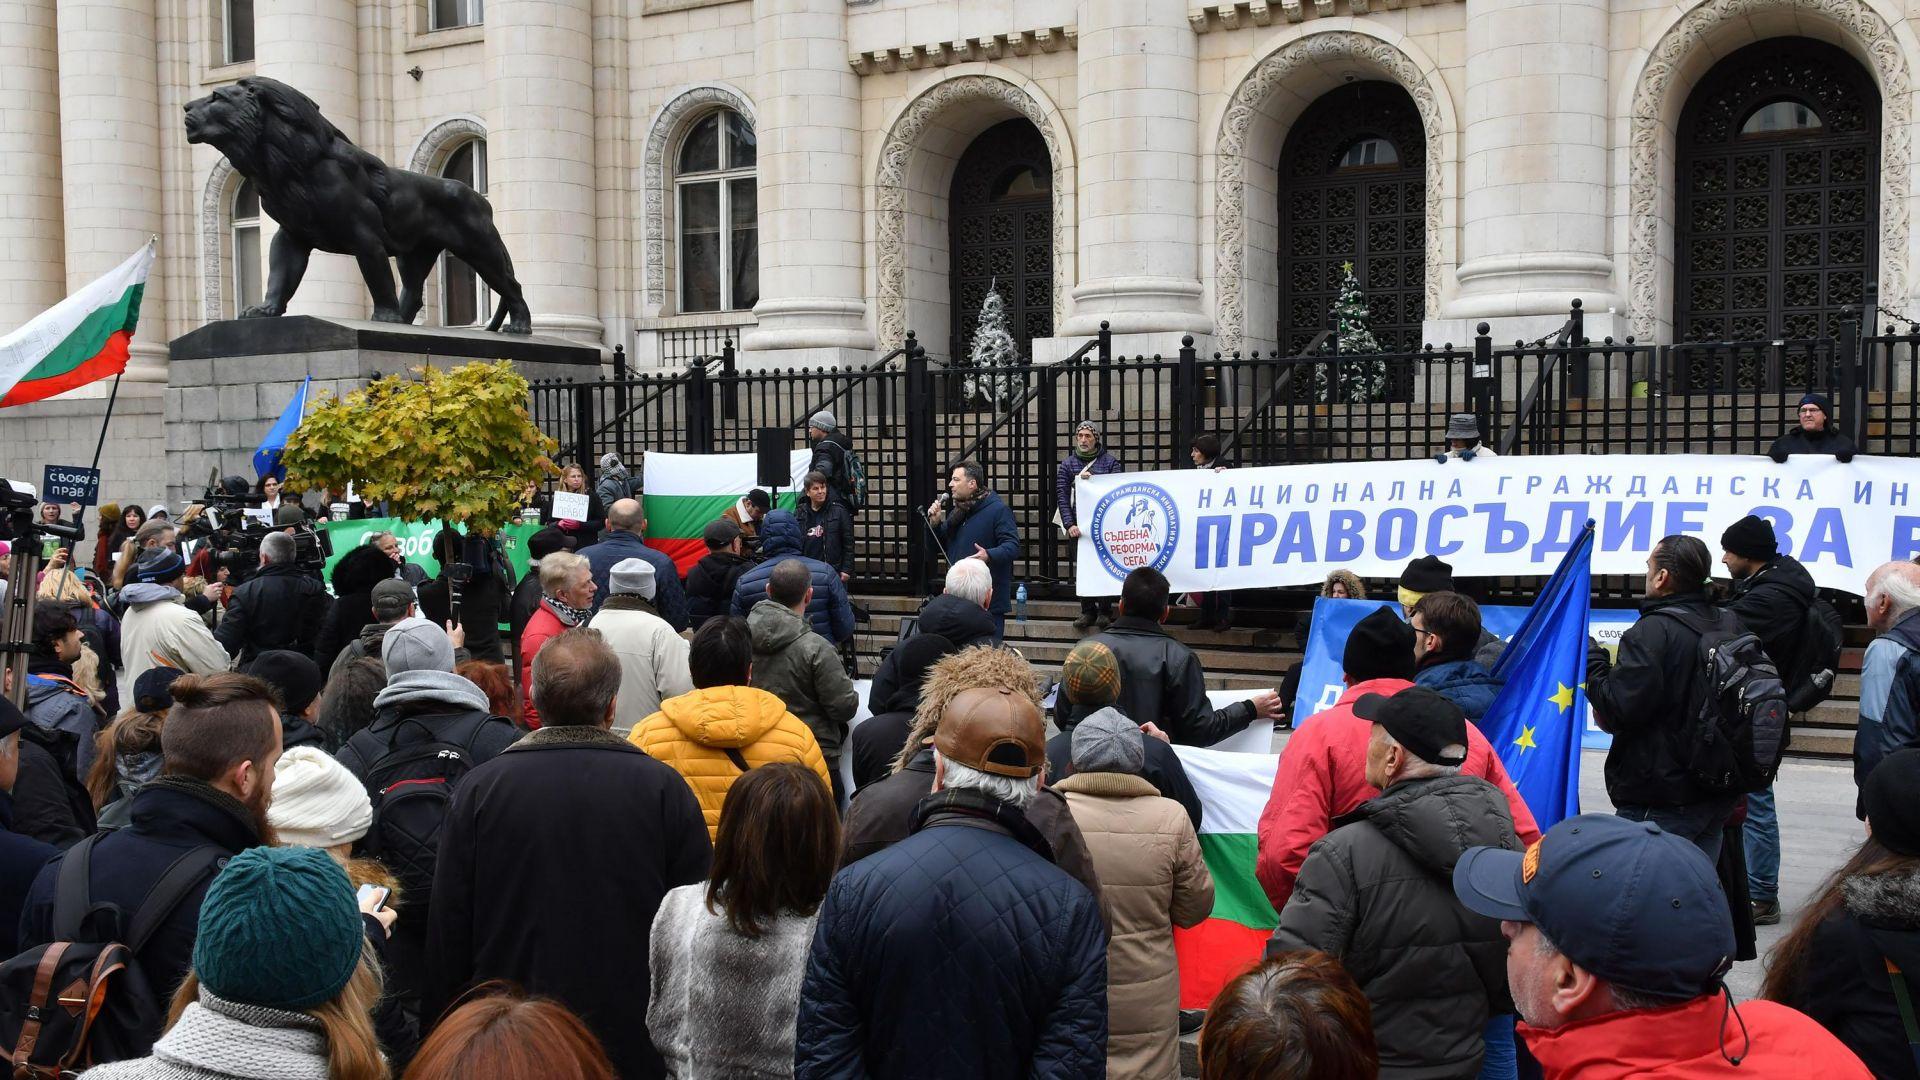 Протест пред Съдебната палата: Освободете Иванчева и Петрова!